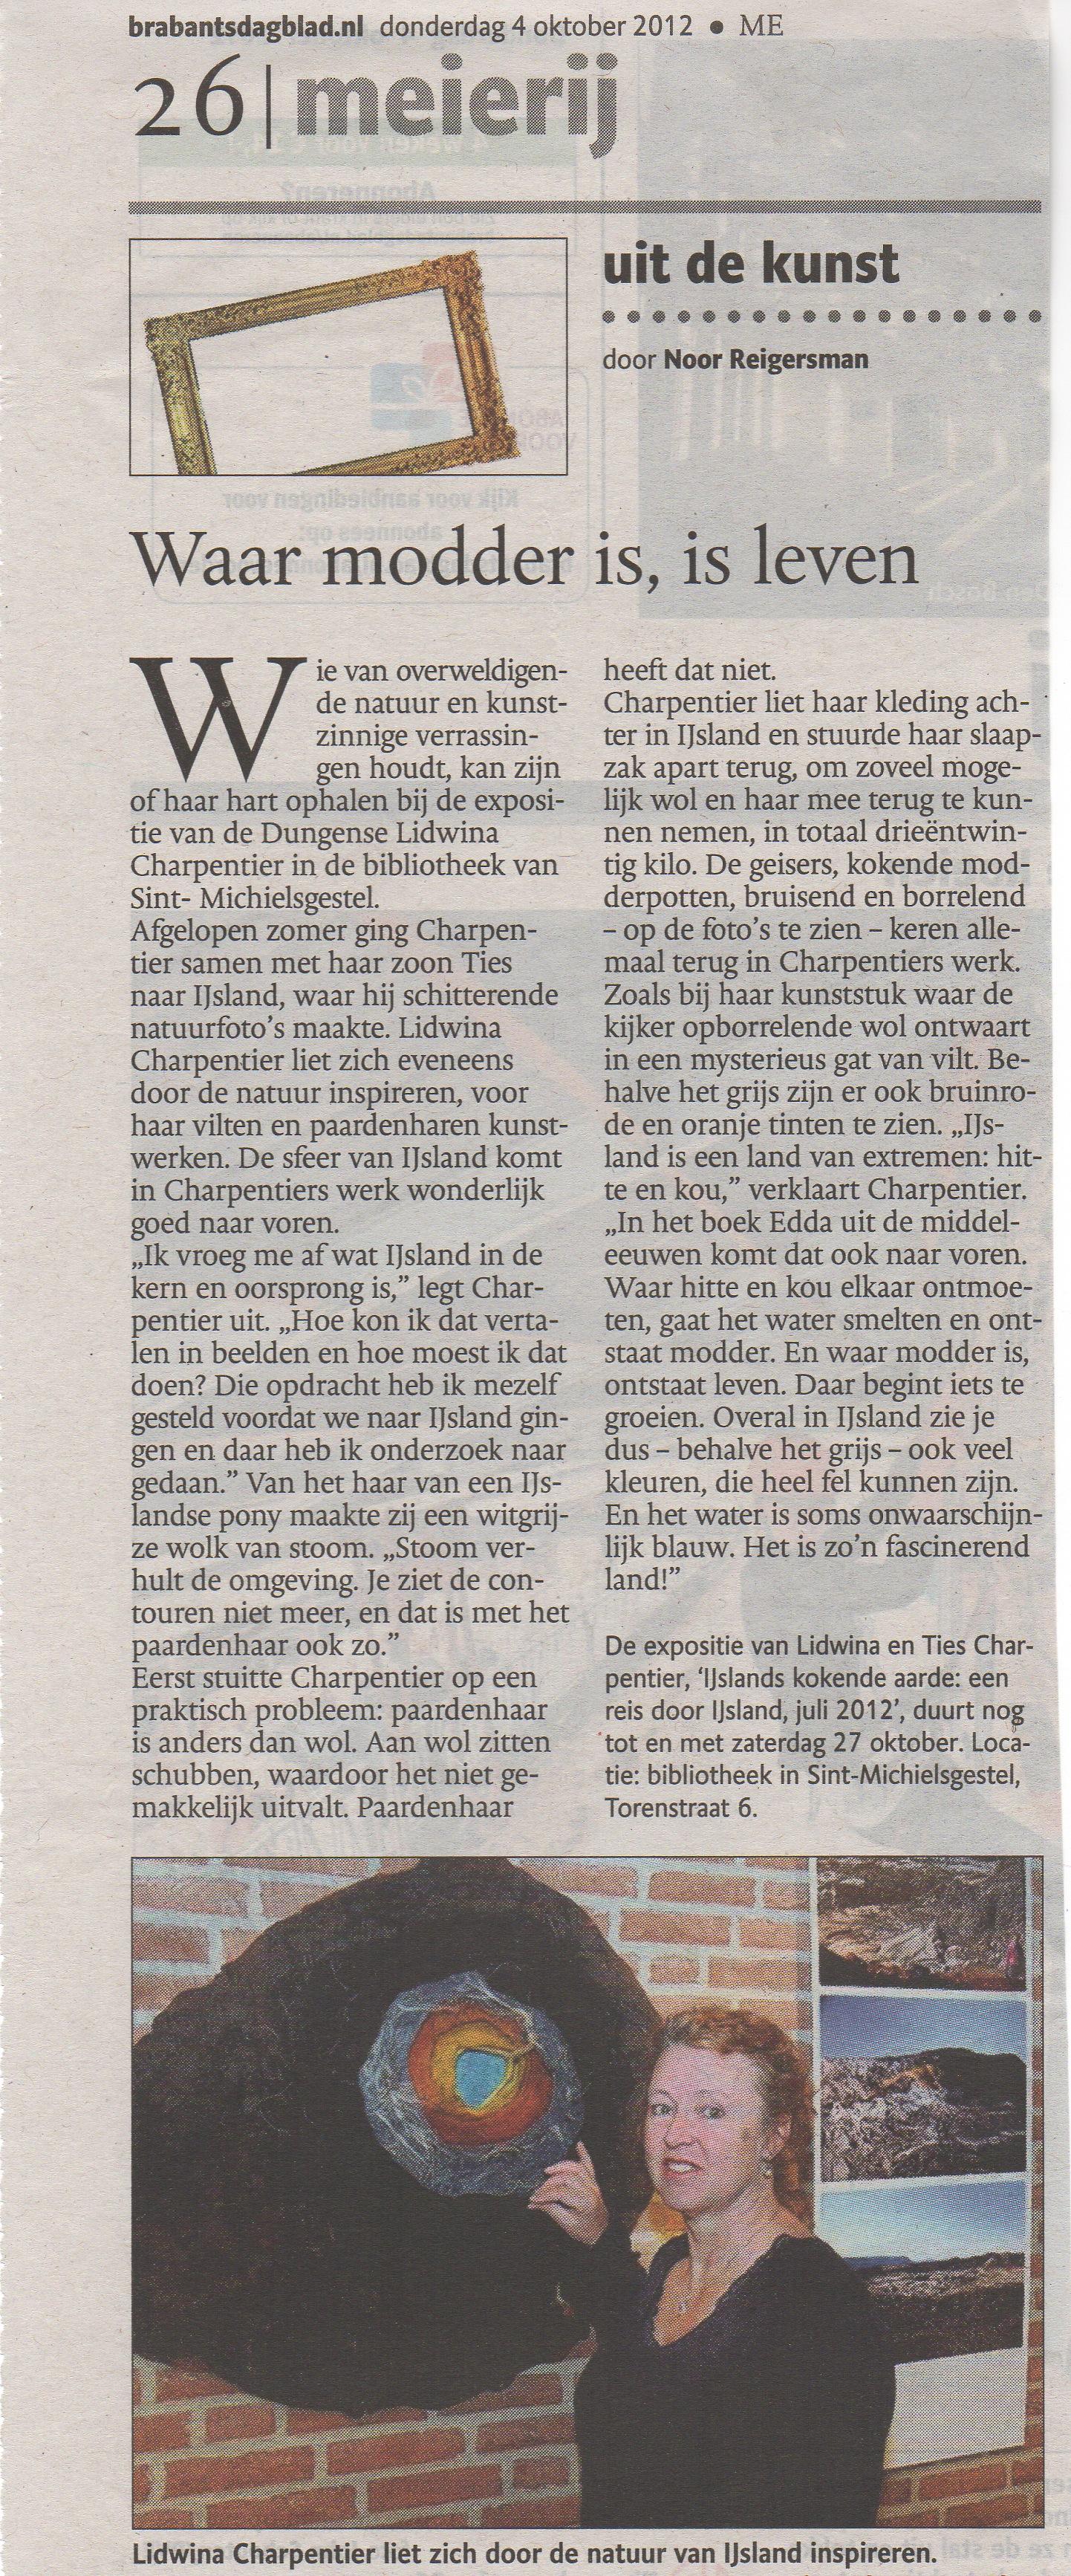 Brabants Dagblad 4 okt door Noor Reigersman lidwina Charpentier